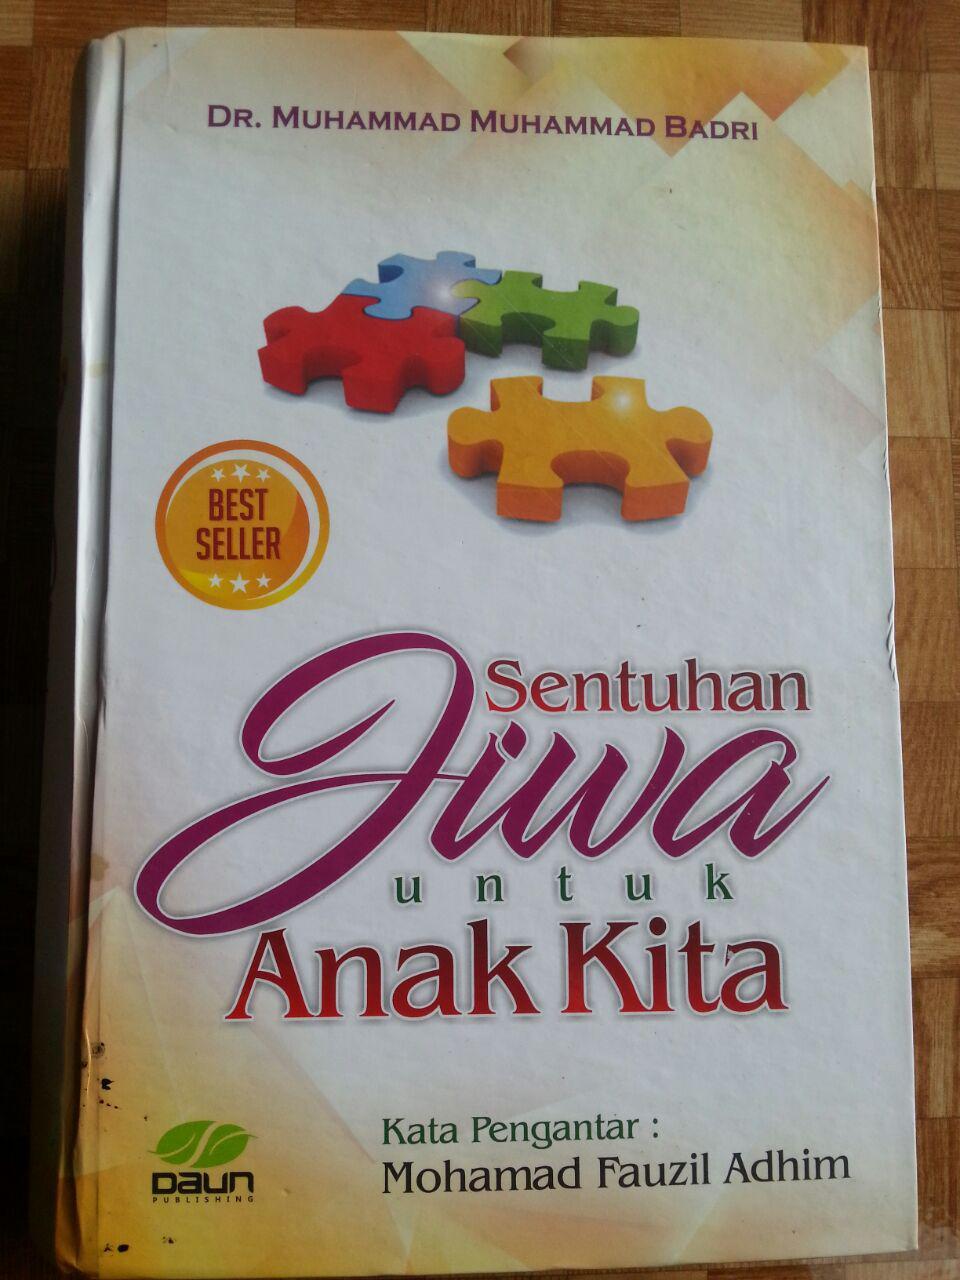 Buku Sentuhan Jiwa Untuk Anak Kita cover 2